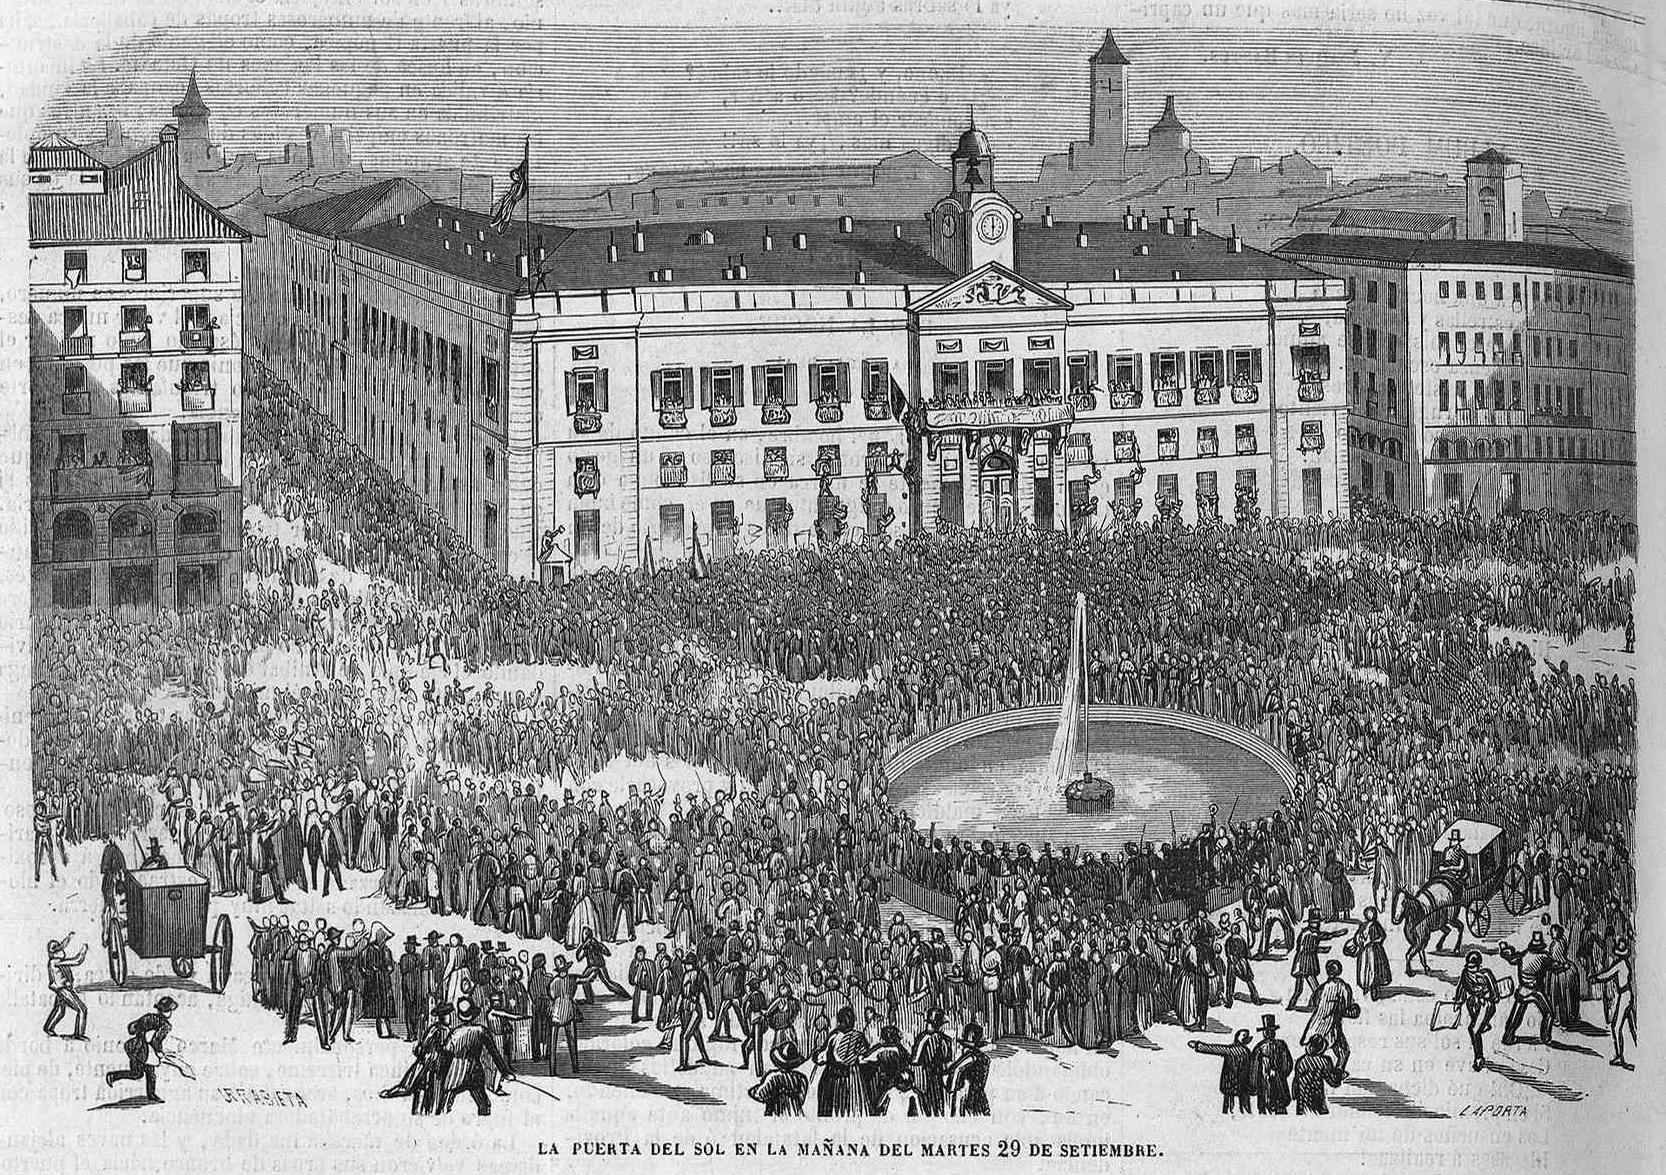 Estatutos secretos da Aliança: Programa e objeto da organização revolucionária dos Irmãos internacionais (outono 1868) | Mikhail Bakunin